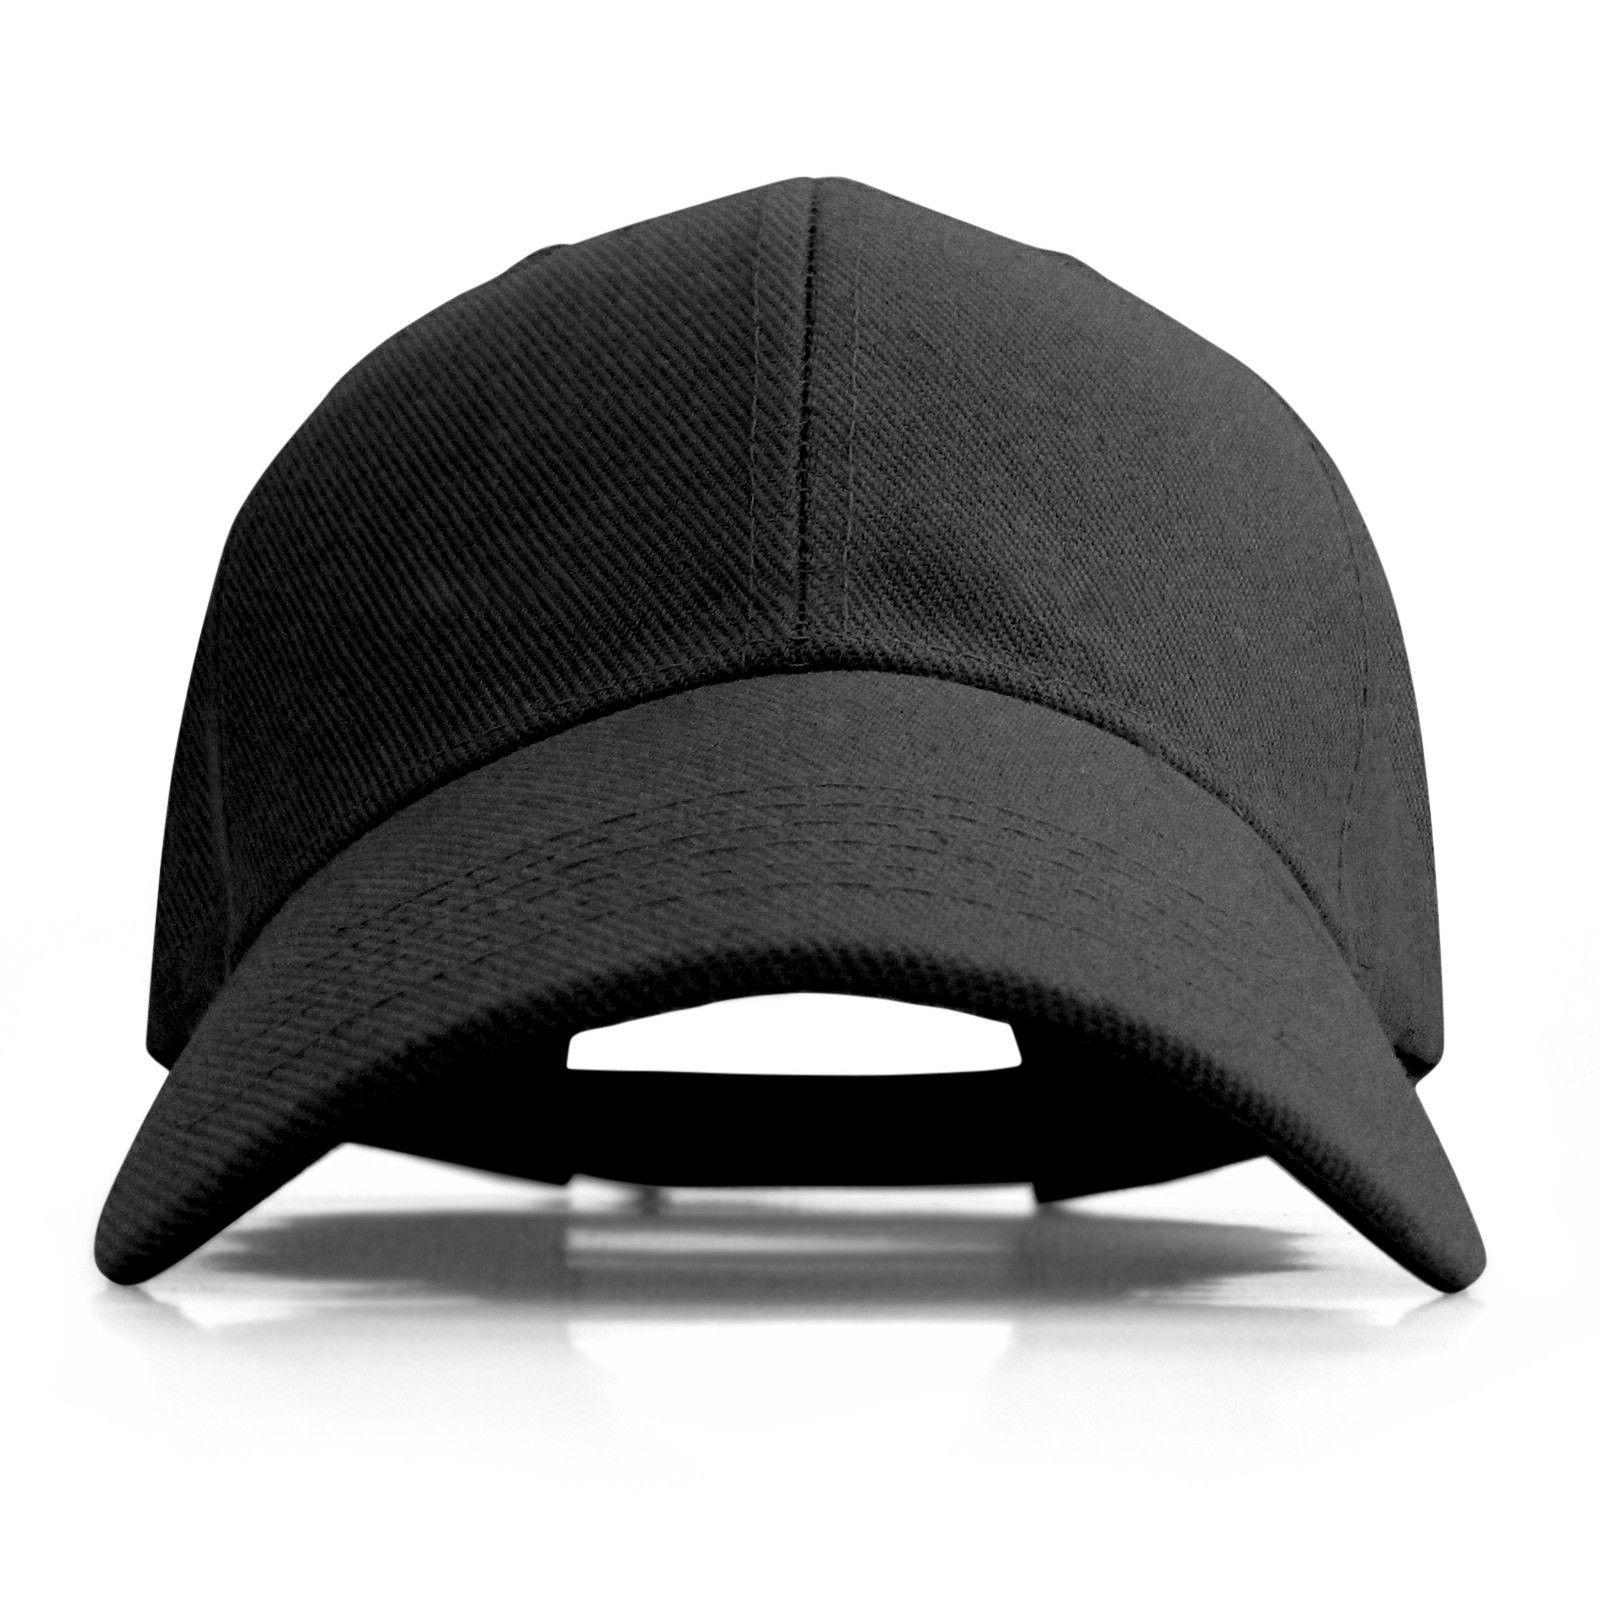 Plain Baseball Cap Solid Color Blank Curved Visor Hat Adjustable New